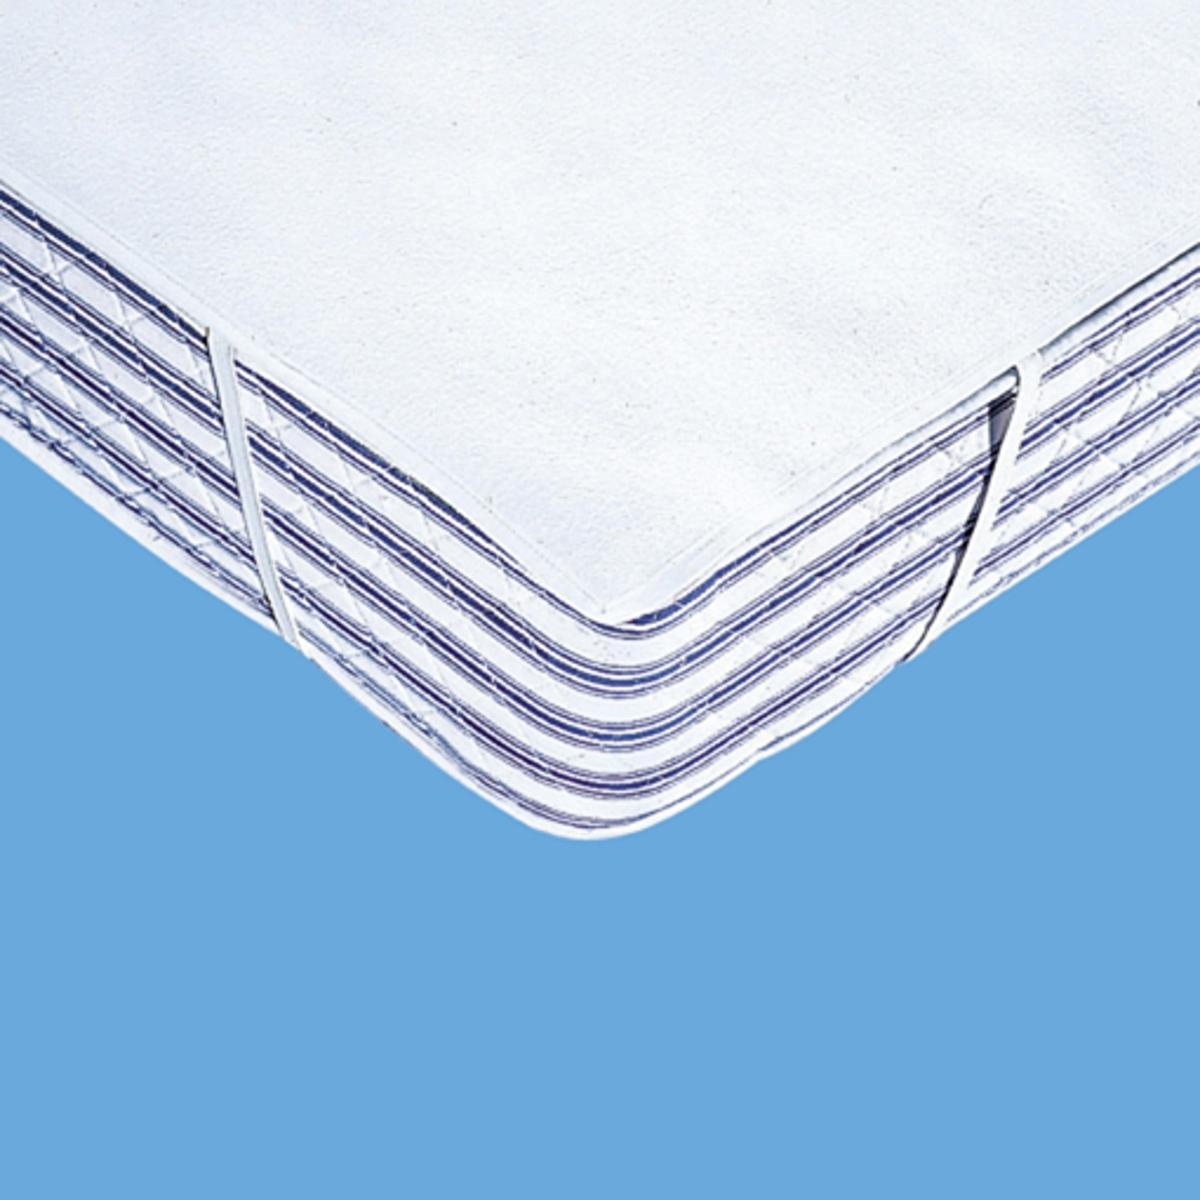 Чехол защитный на матрас из мольтона 220 г/м² чехол защитный для подушки из стретч мольтона